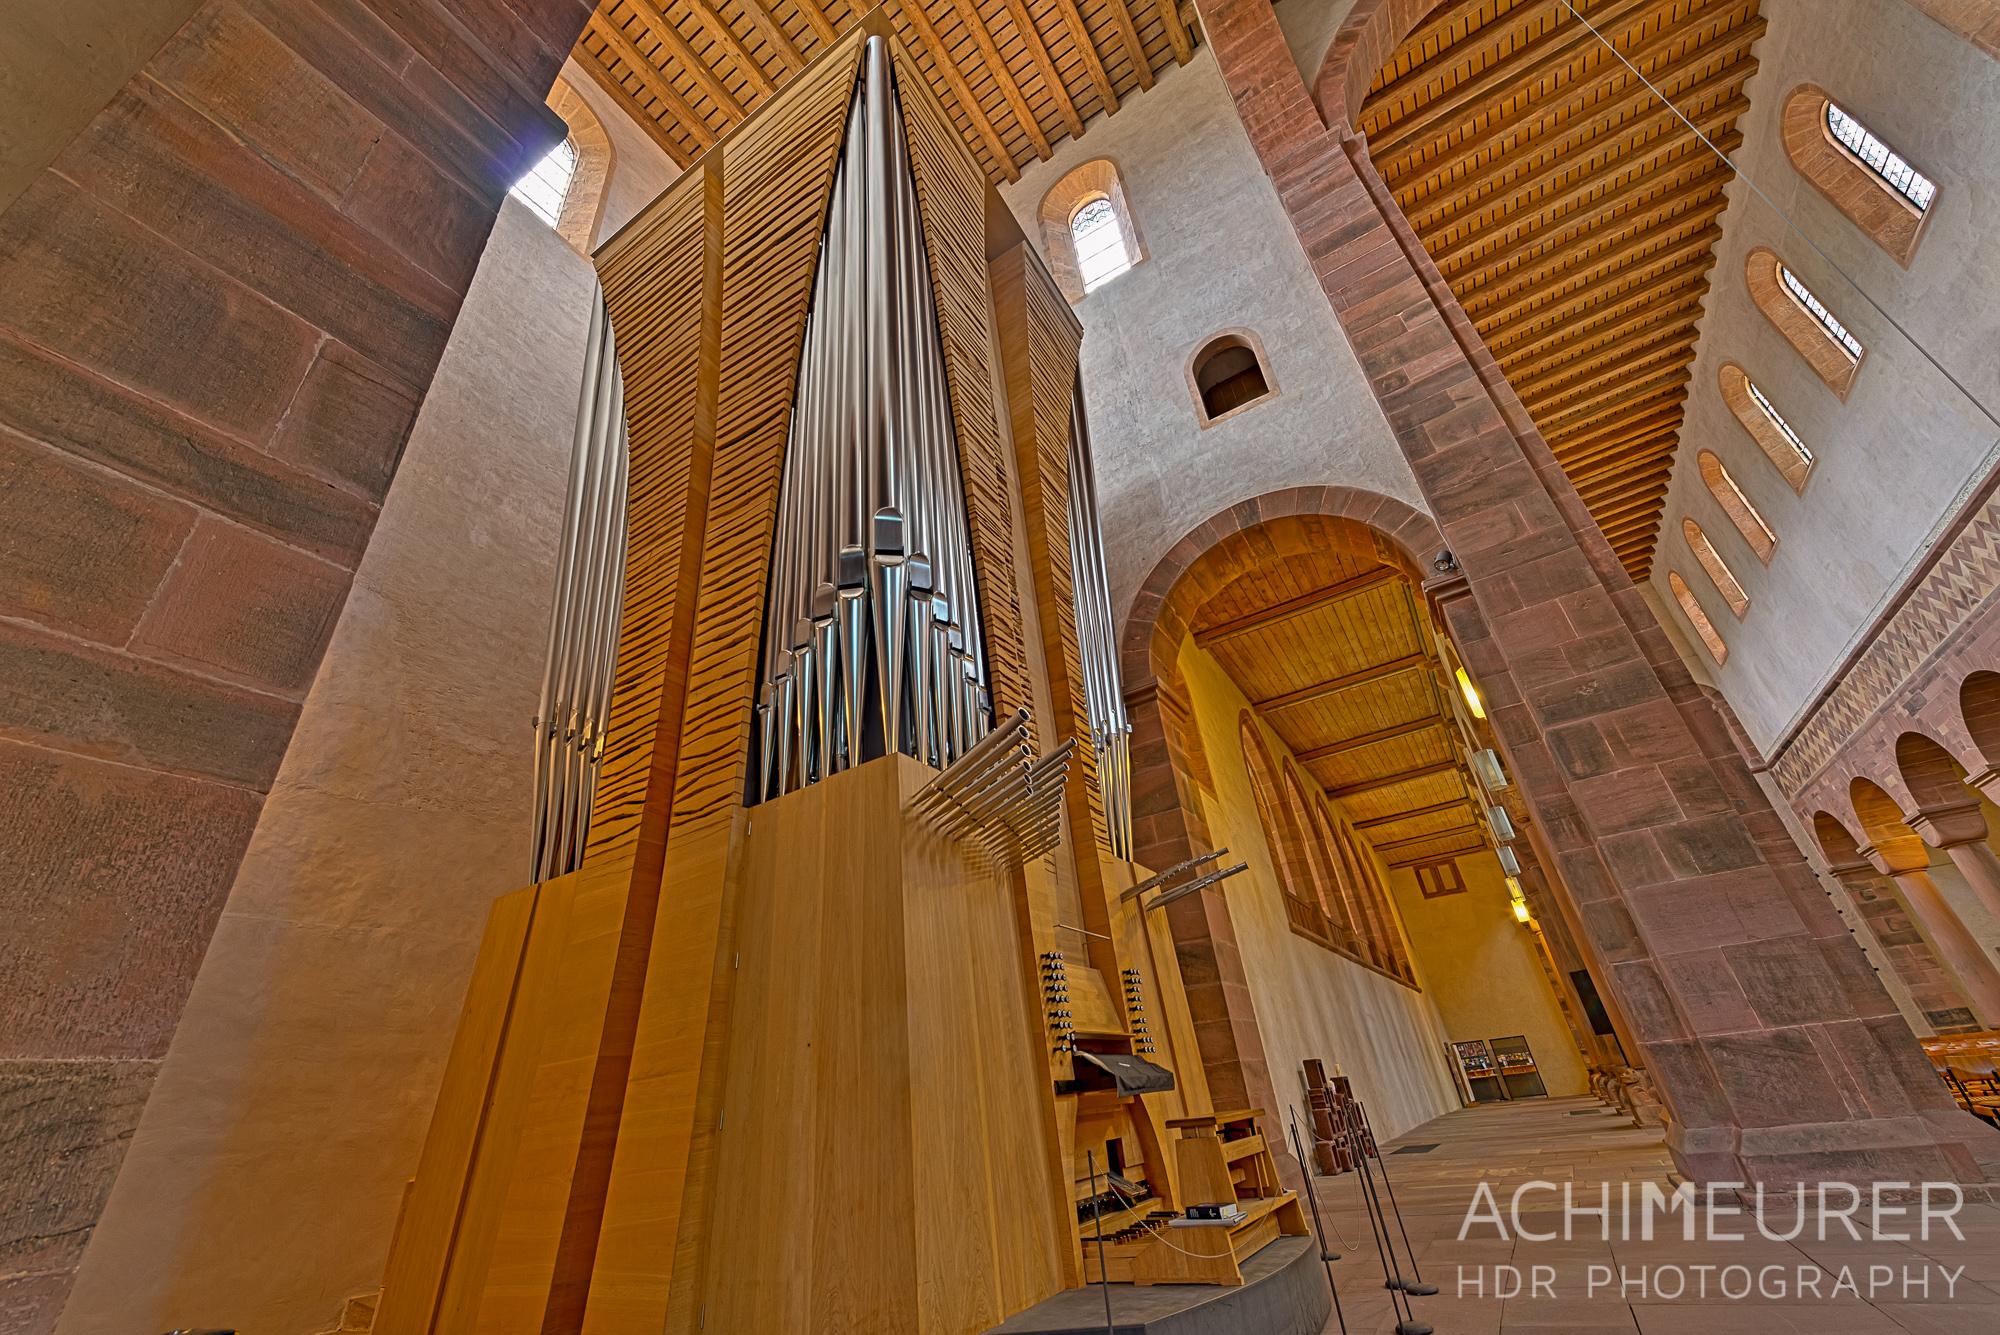 Orgel Kloster Alpirsbach Schwartzwald